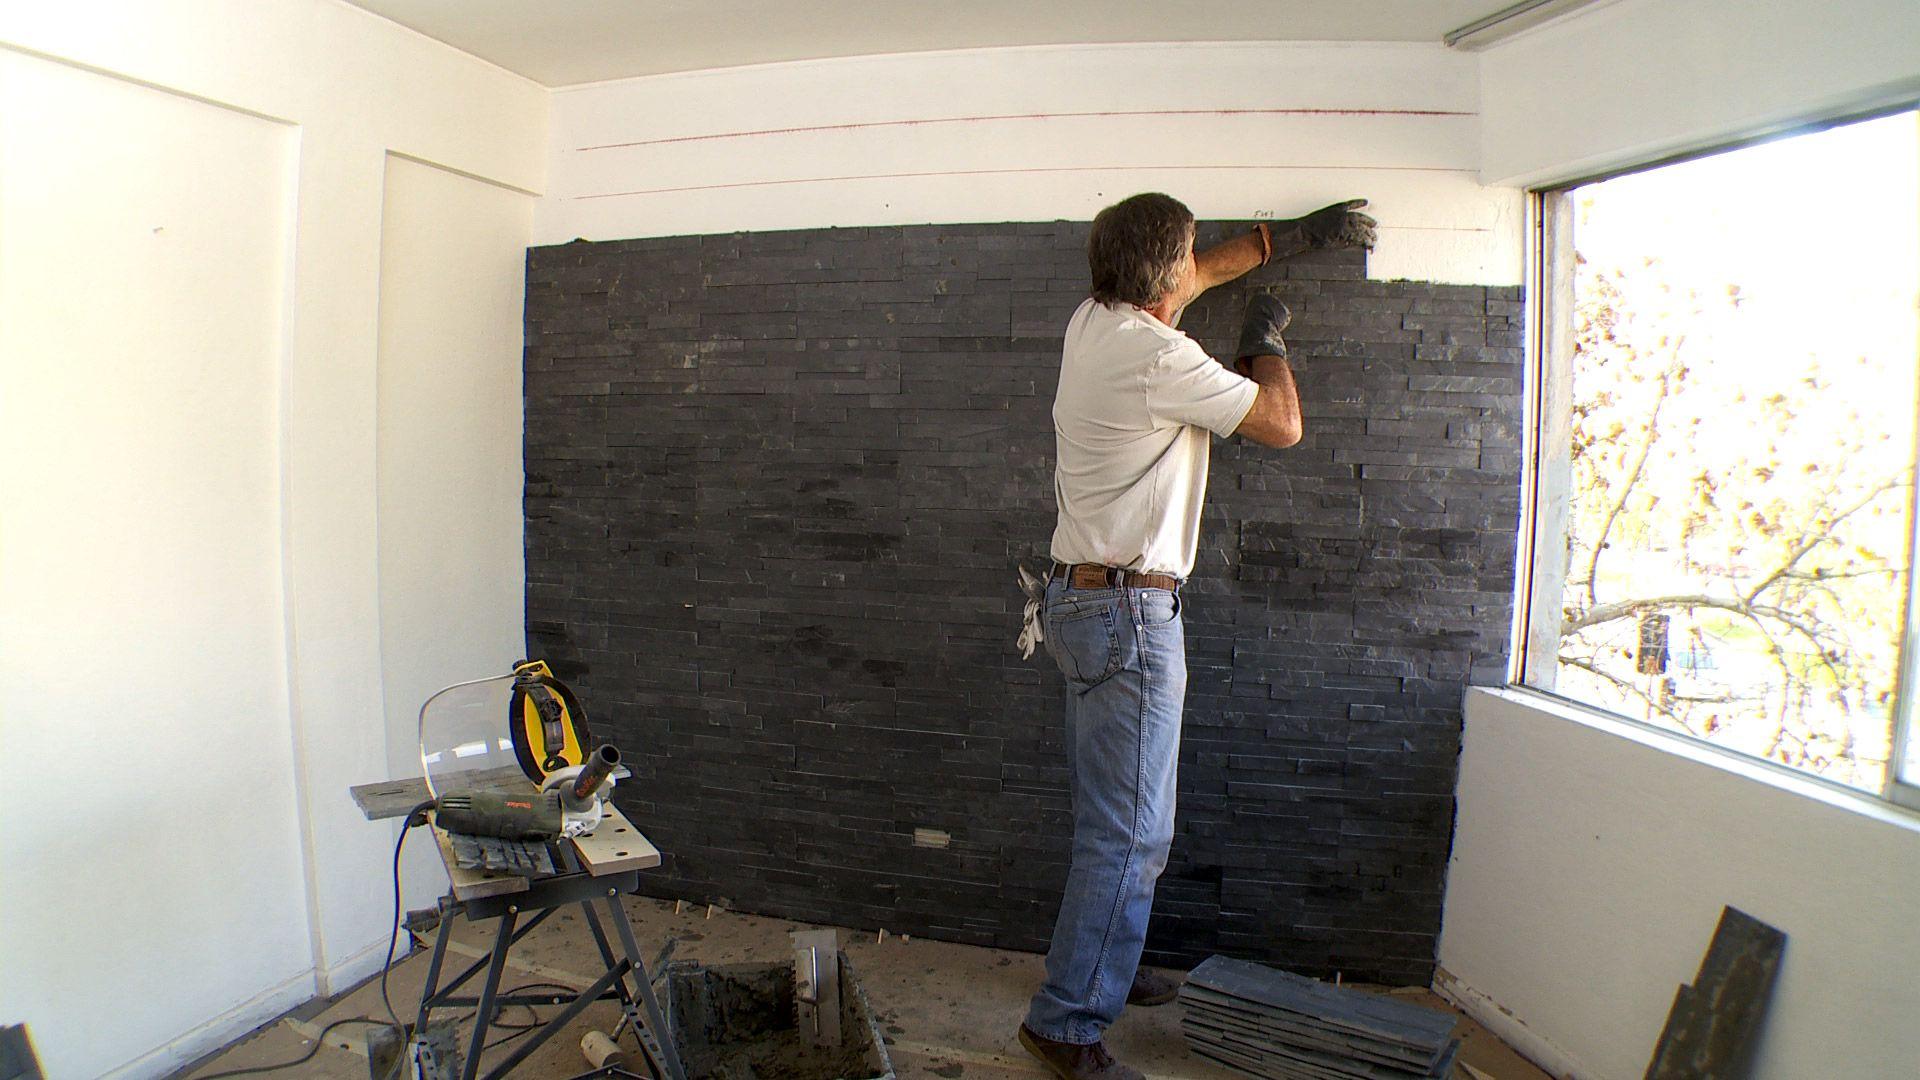 Queremos proponer una alternativa para decorar los muros